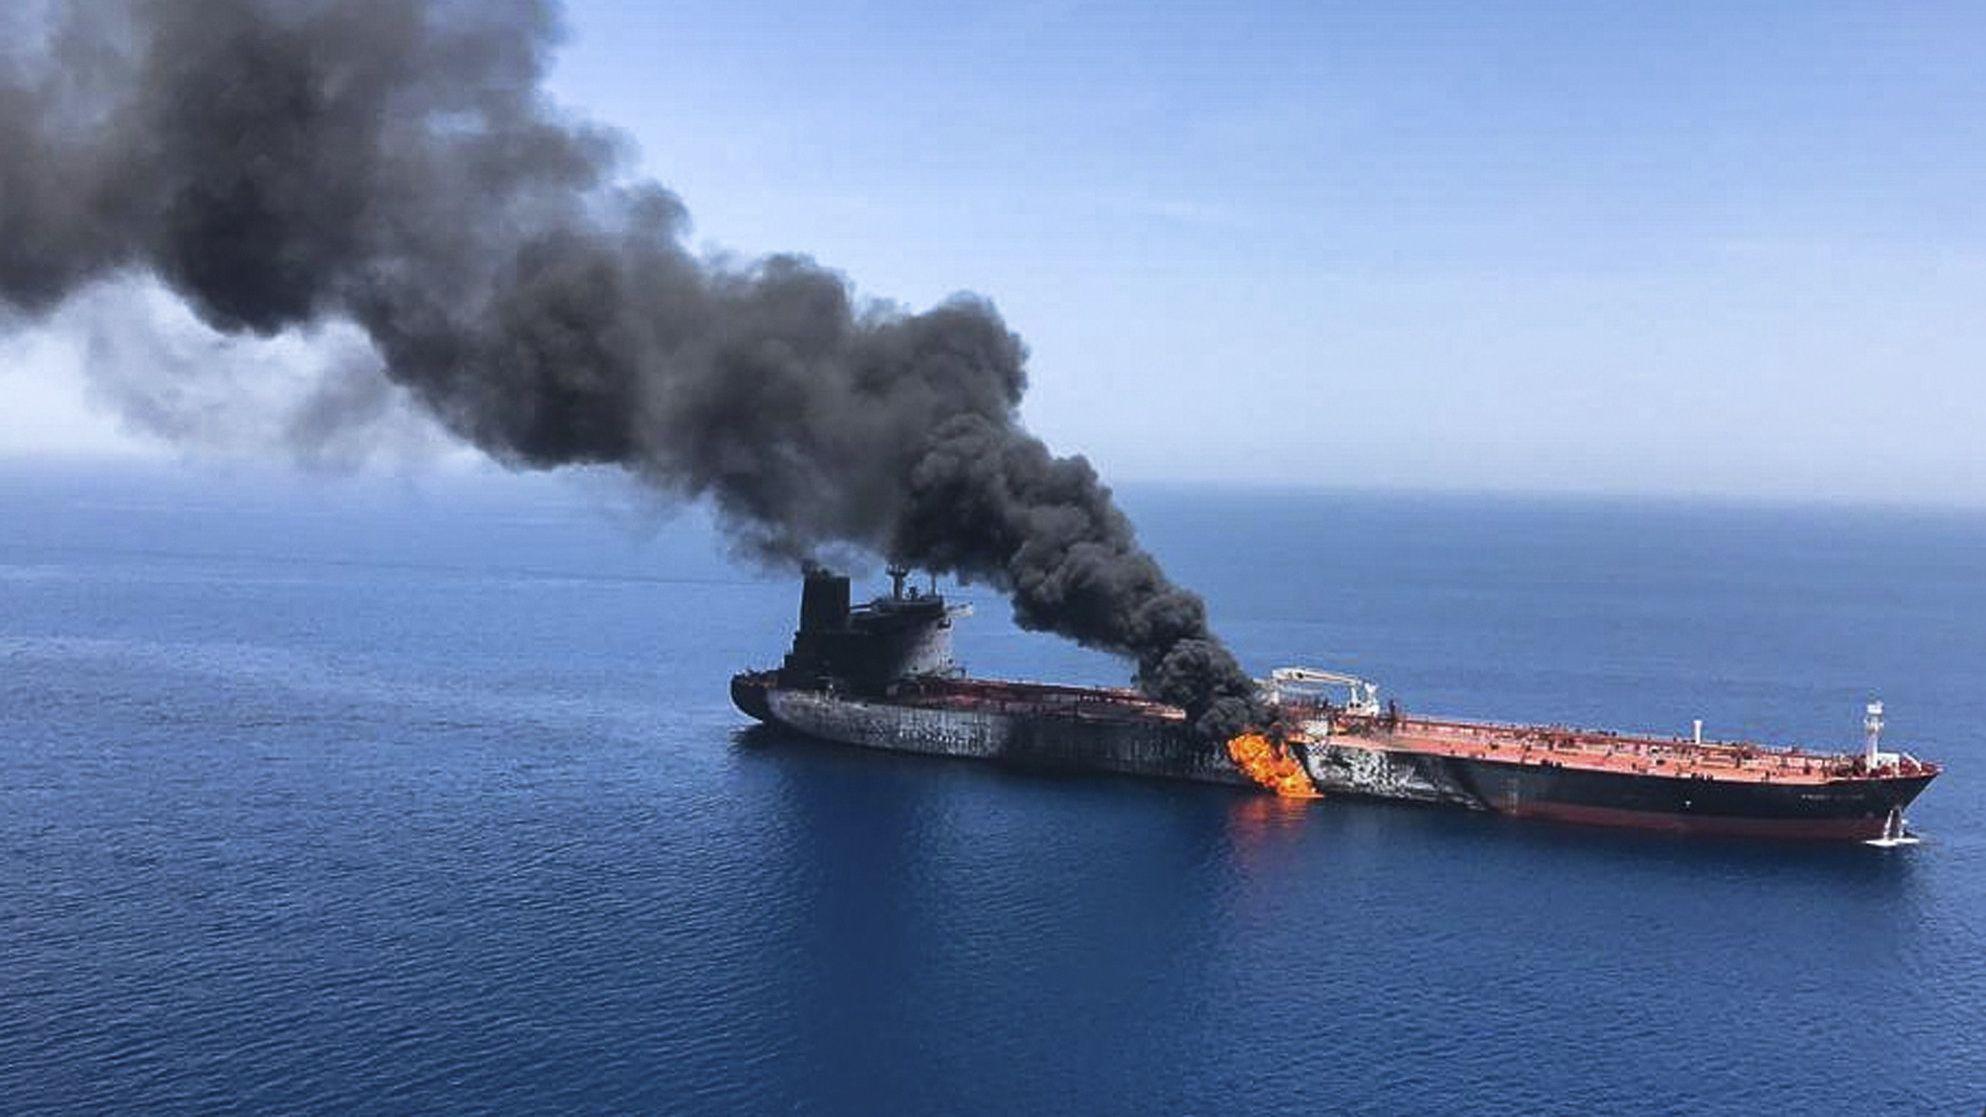 """Öltanker """"Front Altair"""" der norwegischen Reederei Frontline in Brand"""